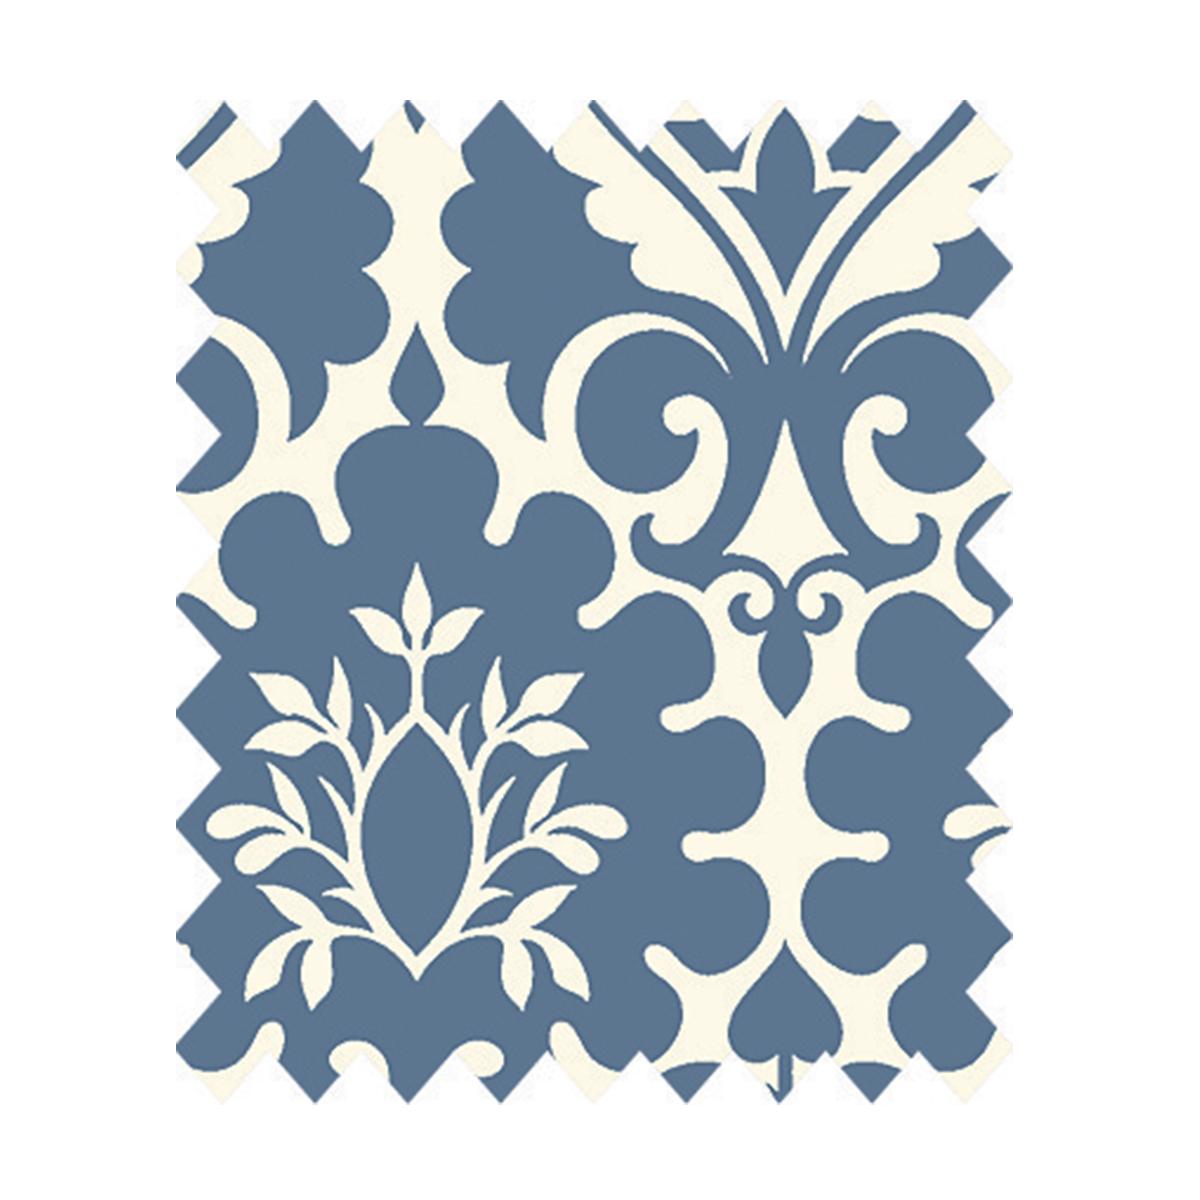 Ткань Gutermann Fenton House, 48 х 50 см. 647330_767716272-76Хлопковая ткань от Gutermann (Гутерманн) выполнена из 100% натурального материала, идеально подойдет для шитья одежды, постельного белья, декорирования. Ткань не линяет, не осыпается по краям и не дает усадки.